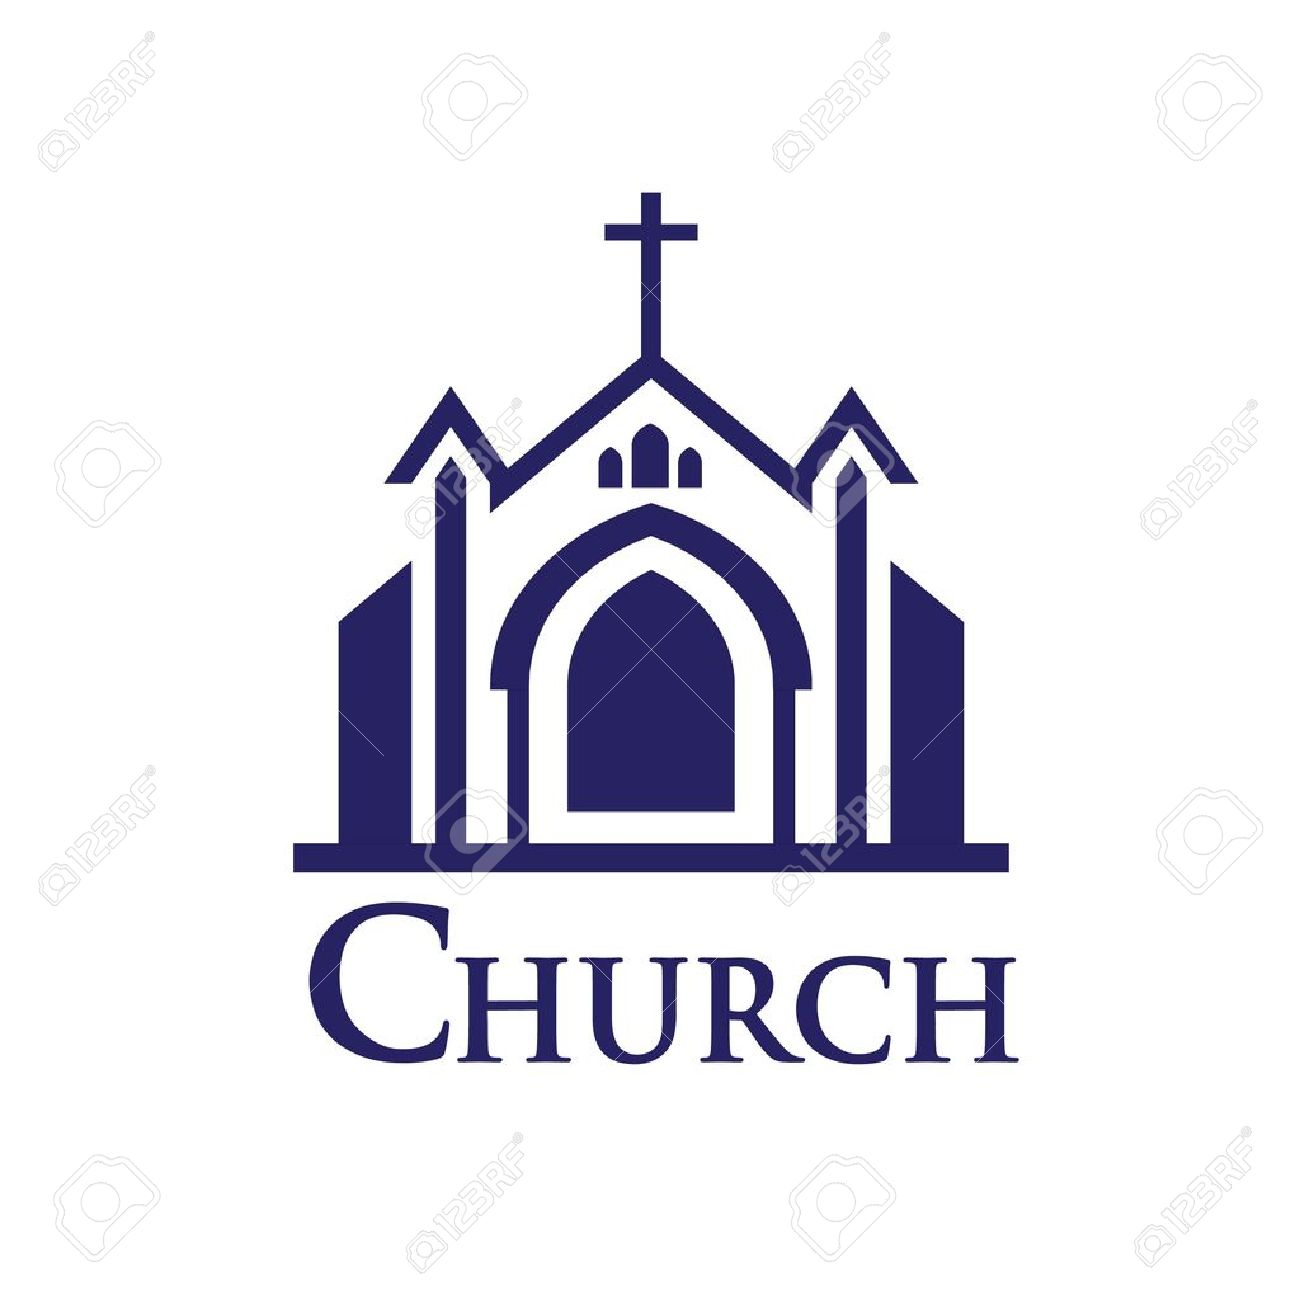 Church icon Stock Vector - 11181497